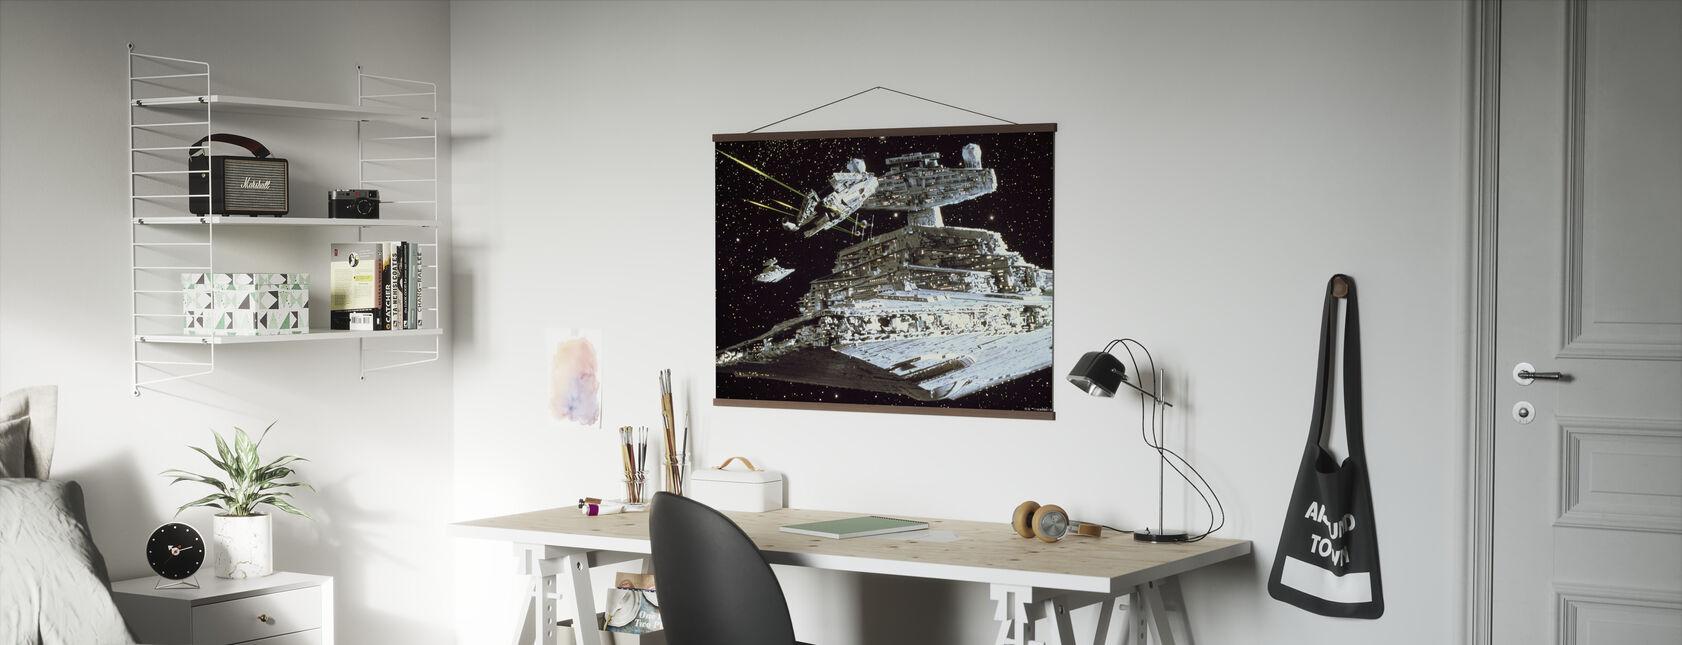 Tähtien sota - Millennium Falcon hyökkäys - Juliste - Toimisto